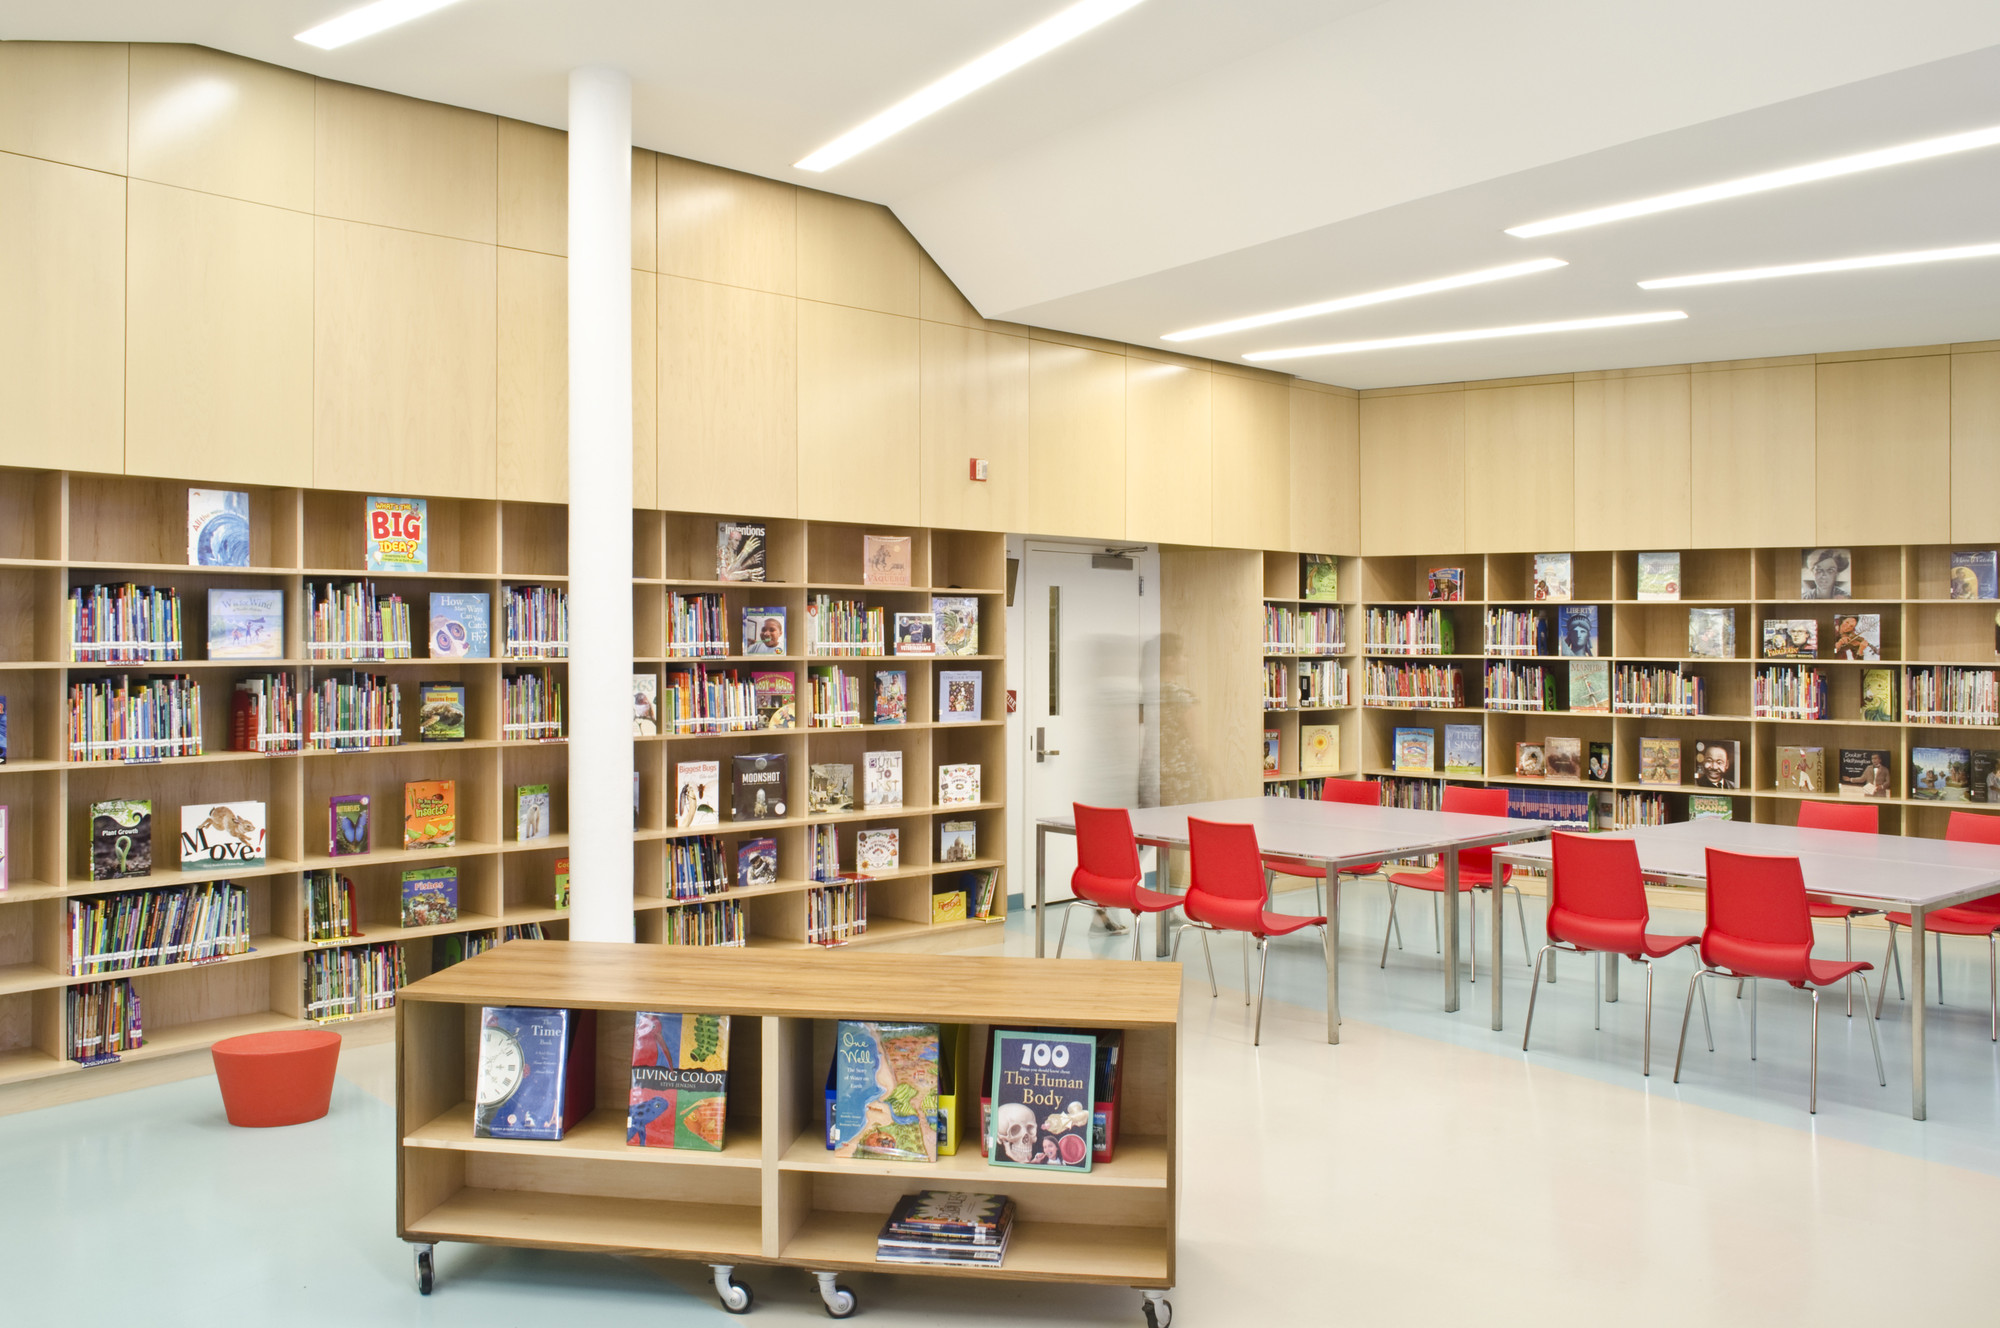 Biblioteca del colegio p blico 158 bayard taylor a pt for Arquitectura de interiores universidades